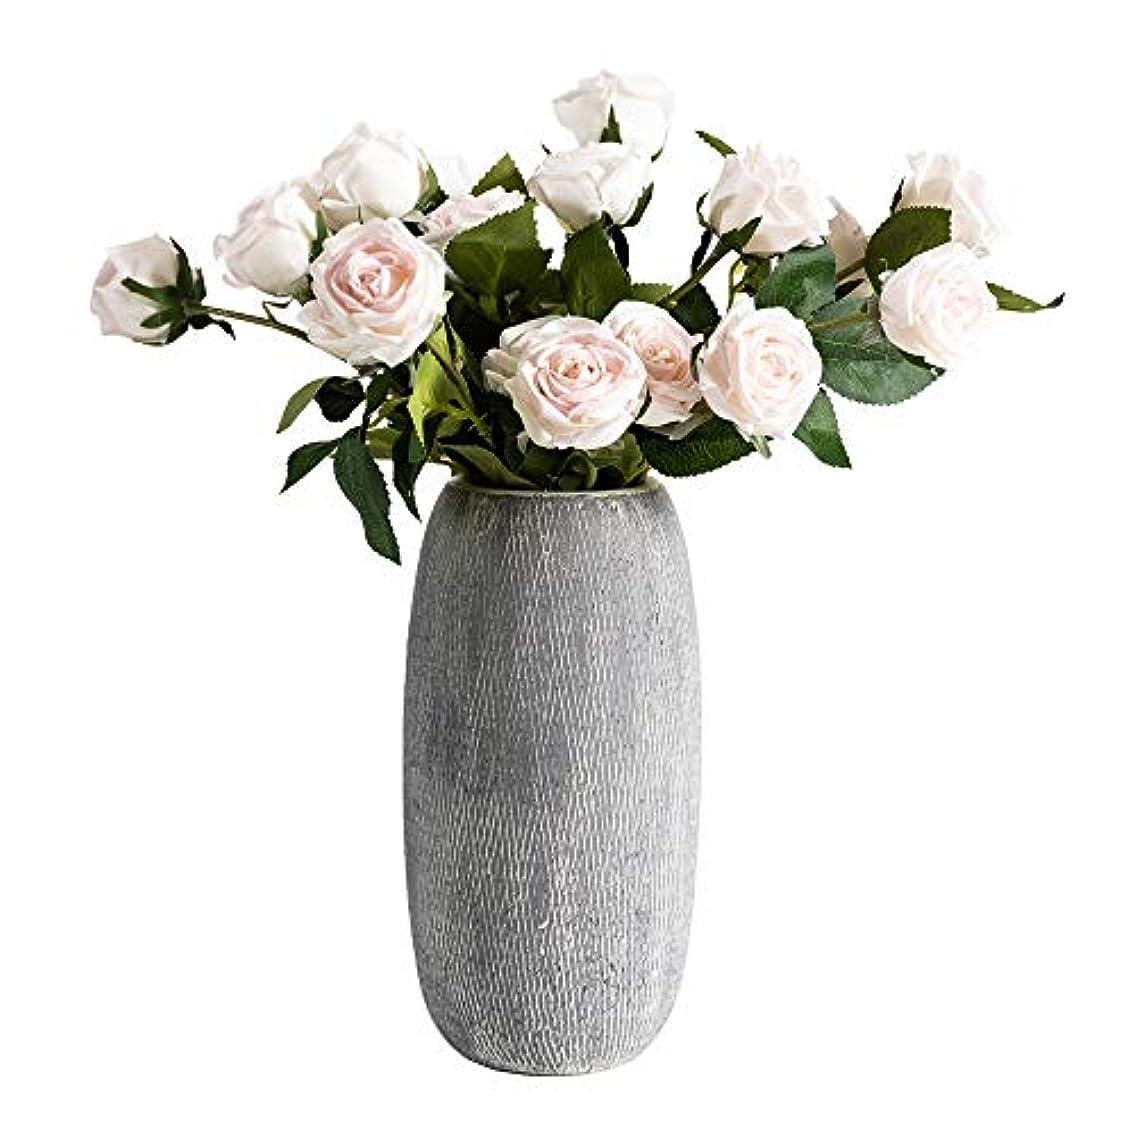 アクロバット考慮第二に灰色の網状静脈セラミック花瓶、北欧スタイルのシンプルな円筒形容器、手作りのデスクトップ植物ポット、花、フラワーアレンジメント、ホームデコレーション用。